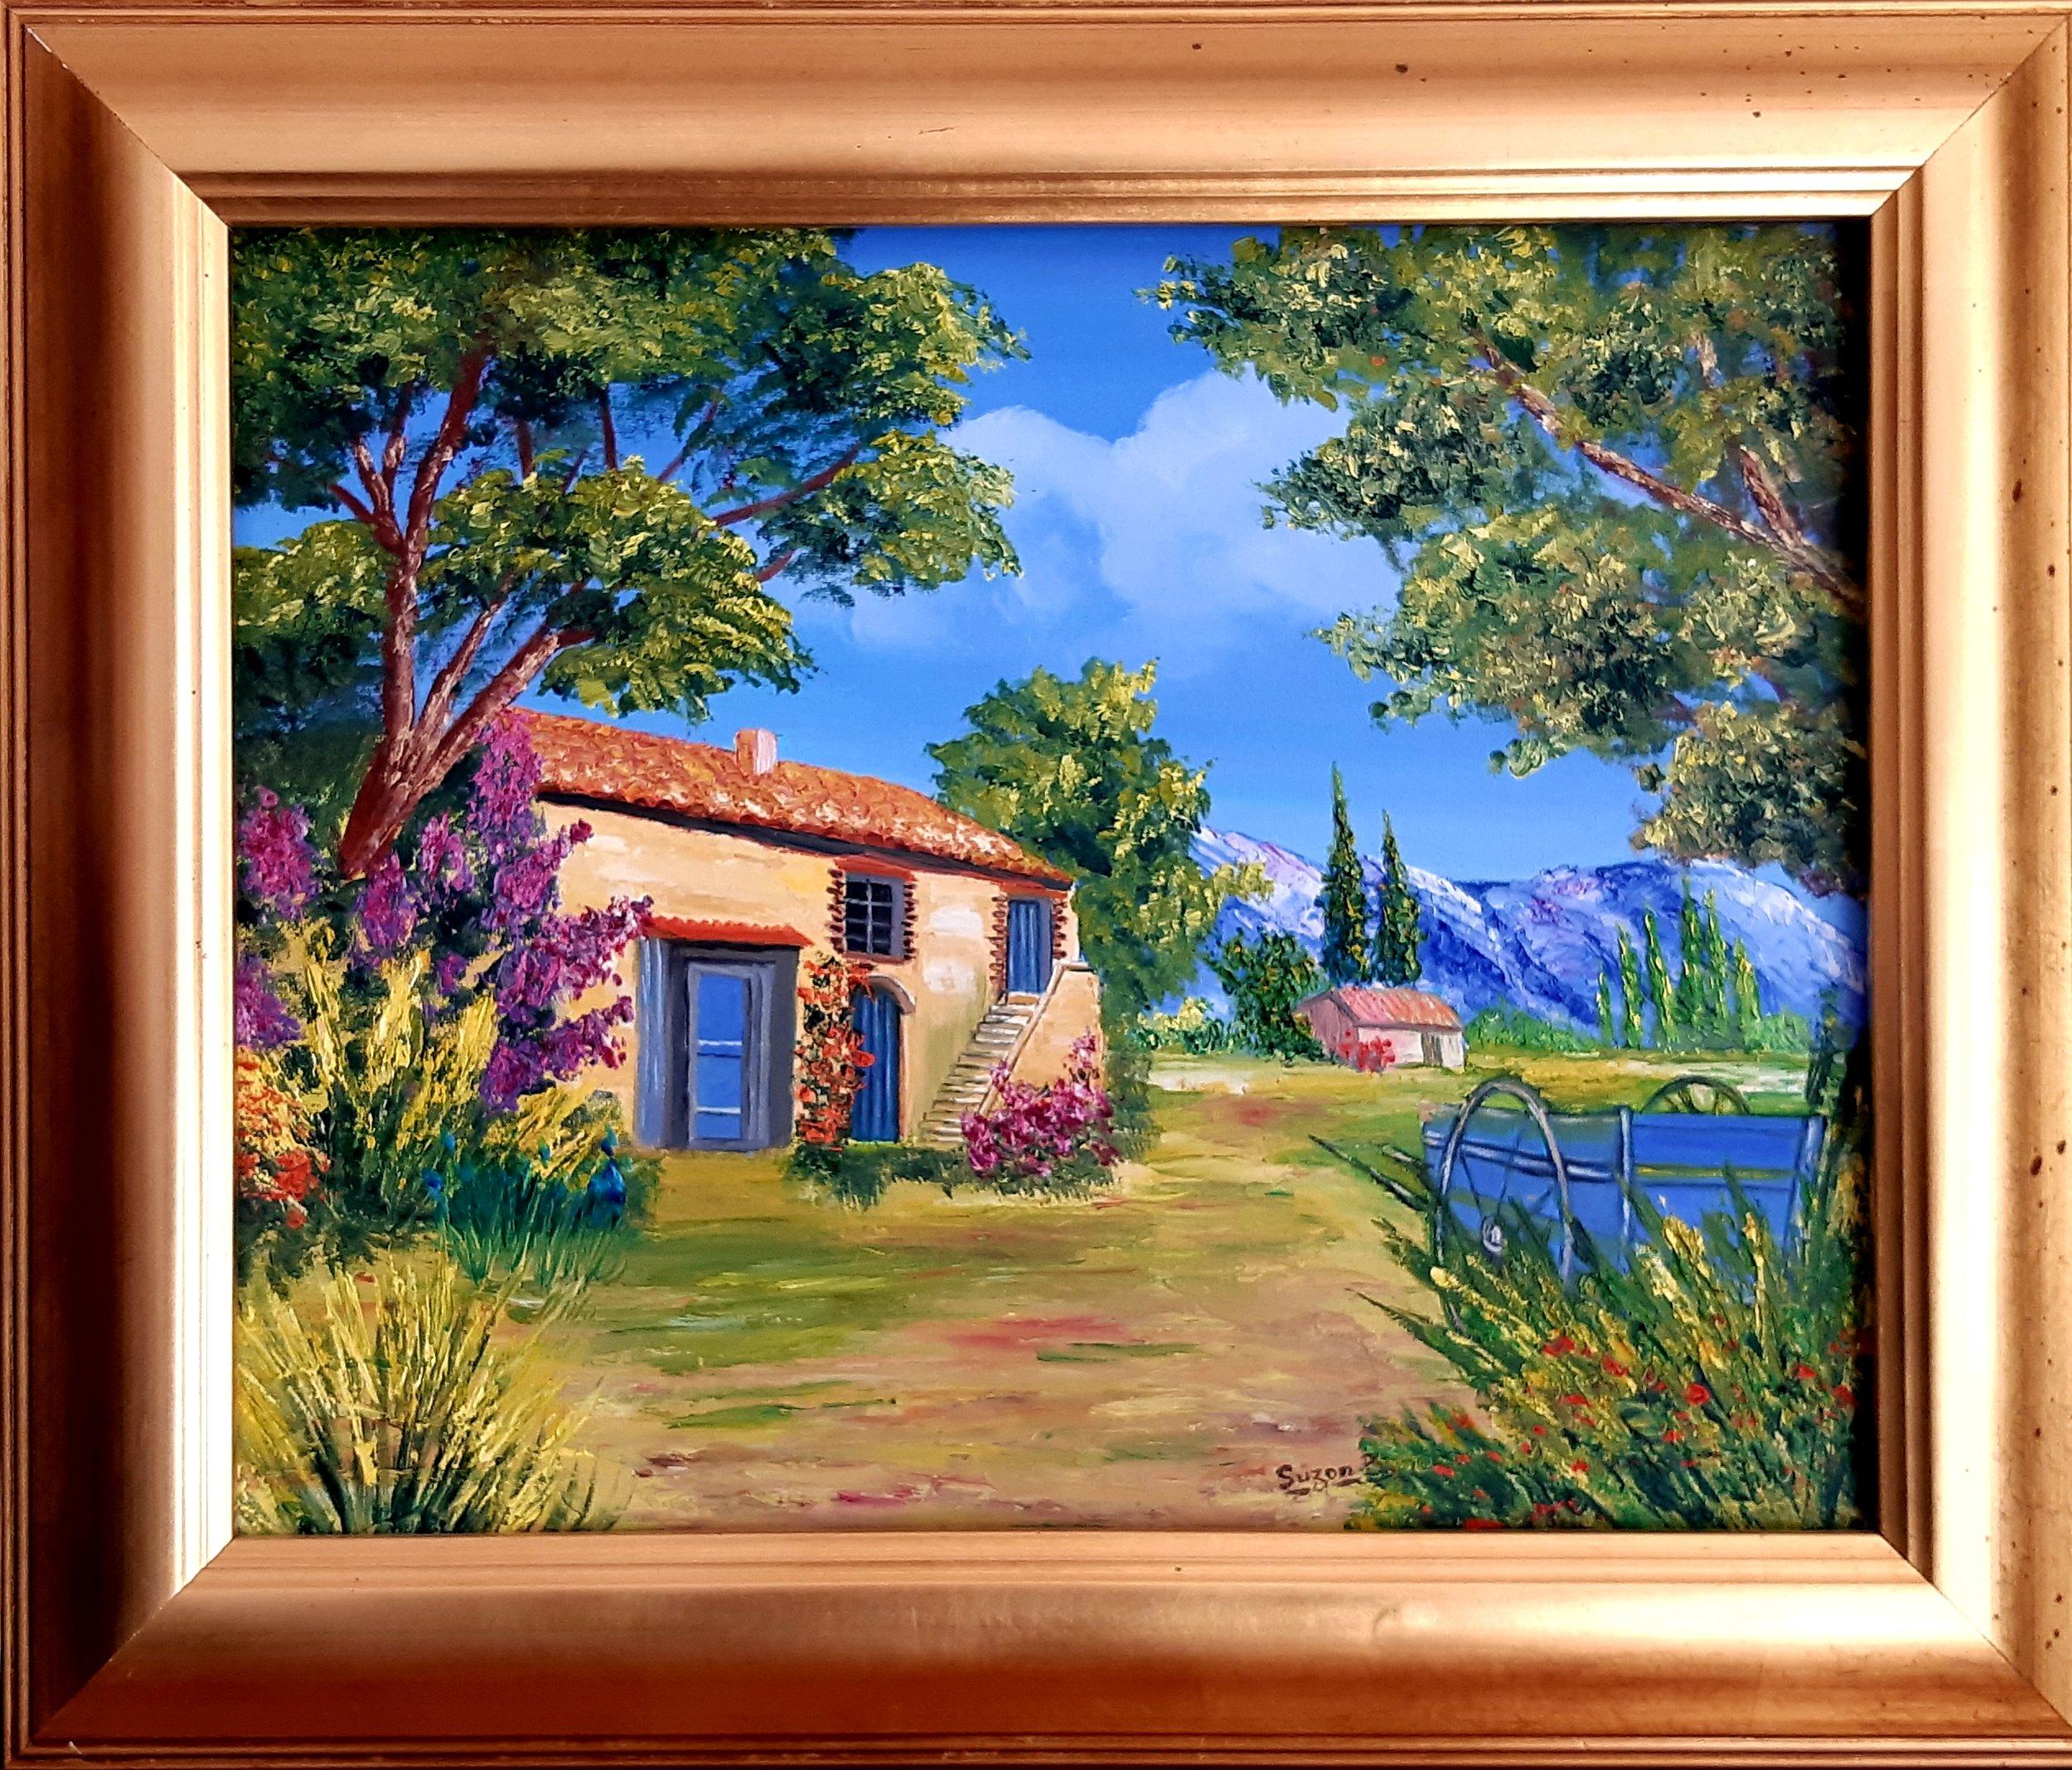 Expositionau Domaine du Pey Blanc - Du 1er au 30 septembre 2018:Exposition de la grande collection de tableaux de paysages, peints à l'huile sur toile, par Suzanne Besnier, artiste peintre française vivant en Provence.